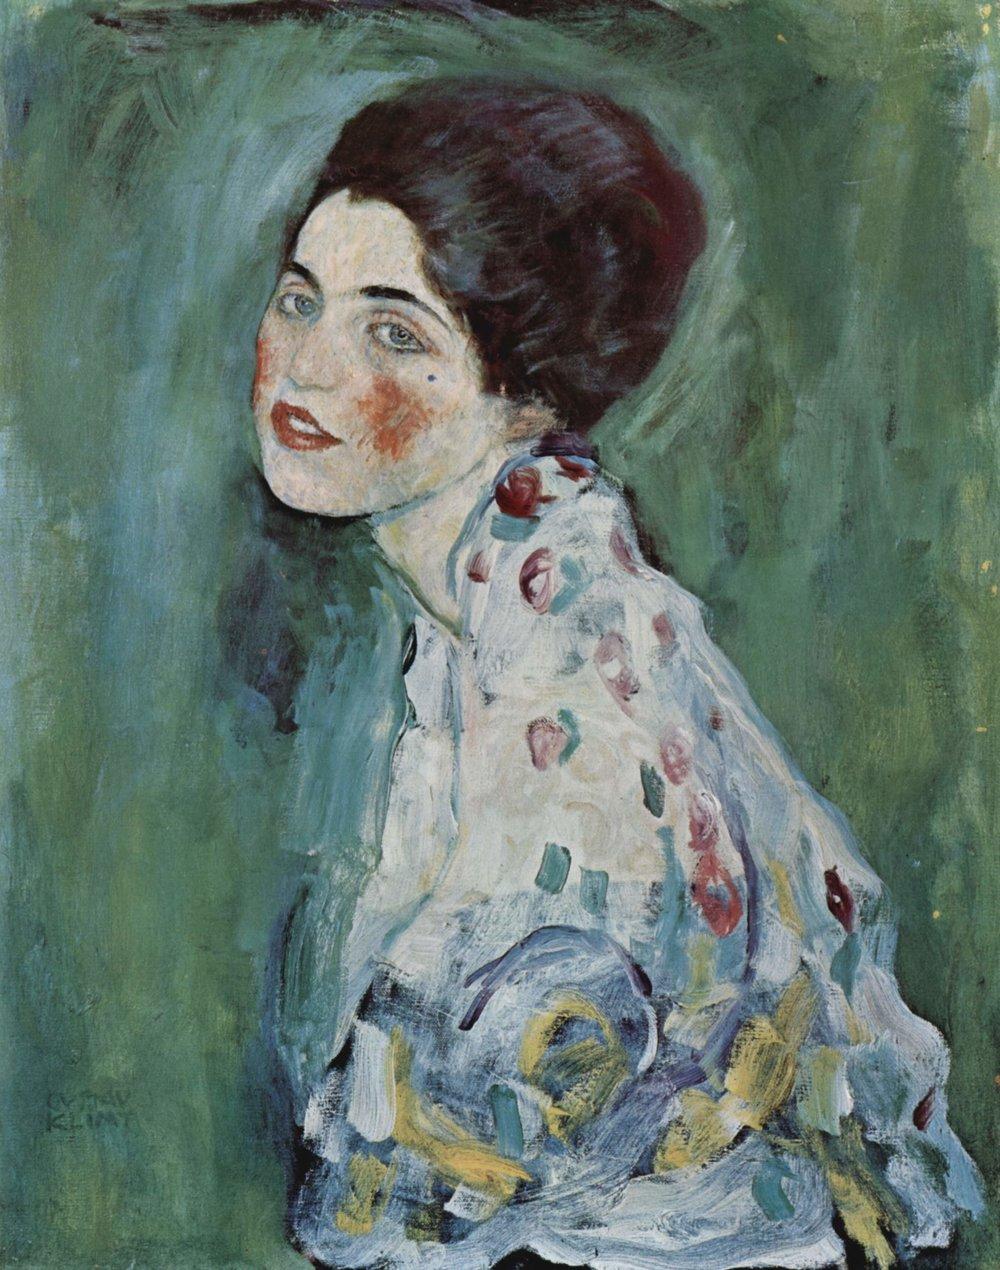 Portrait of a Lady. Gustav Klimt. 1916-17. The Yorck Project (2002) 10.000 Meisterwerke der Malerei (DVD-ROM)